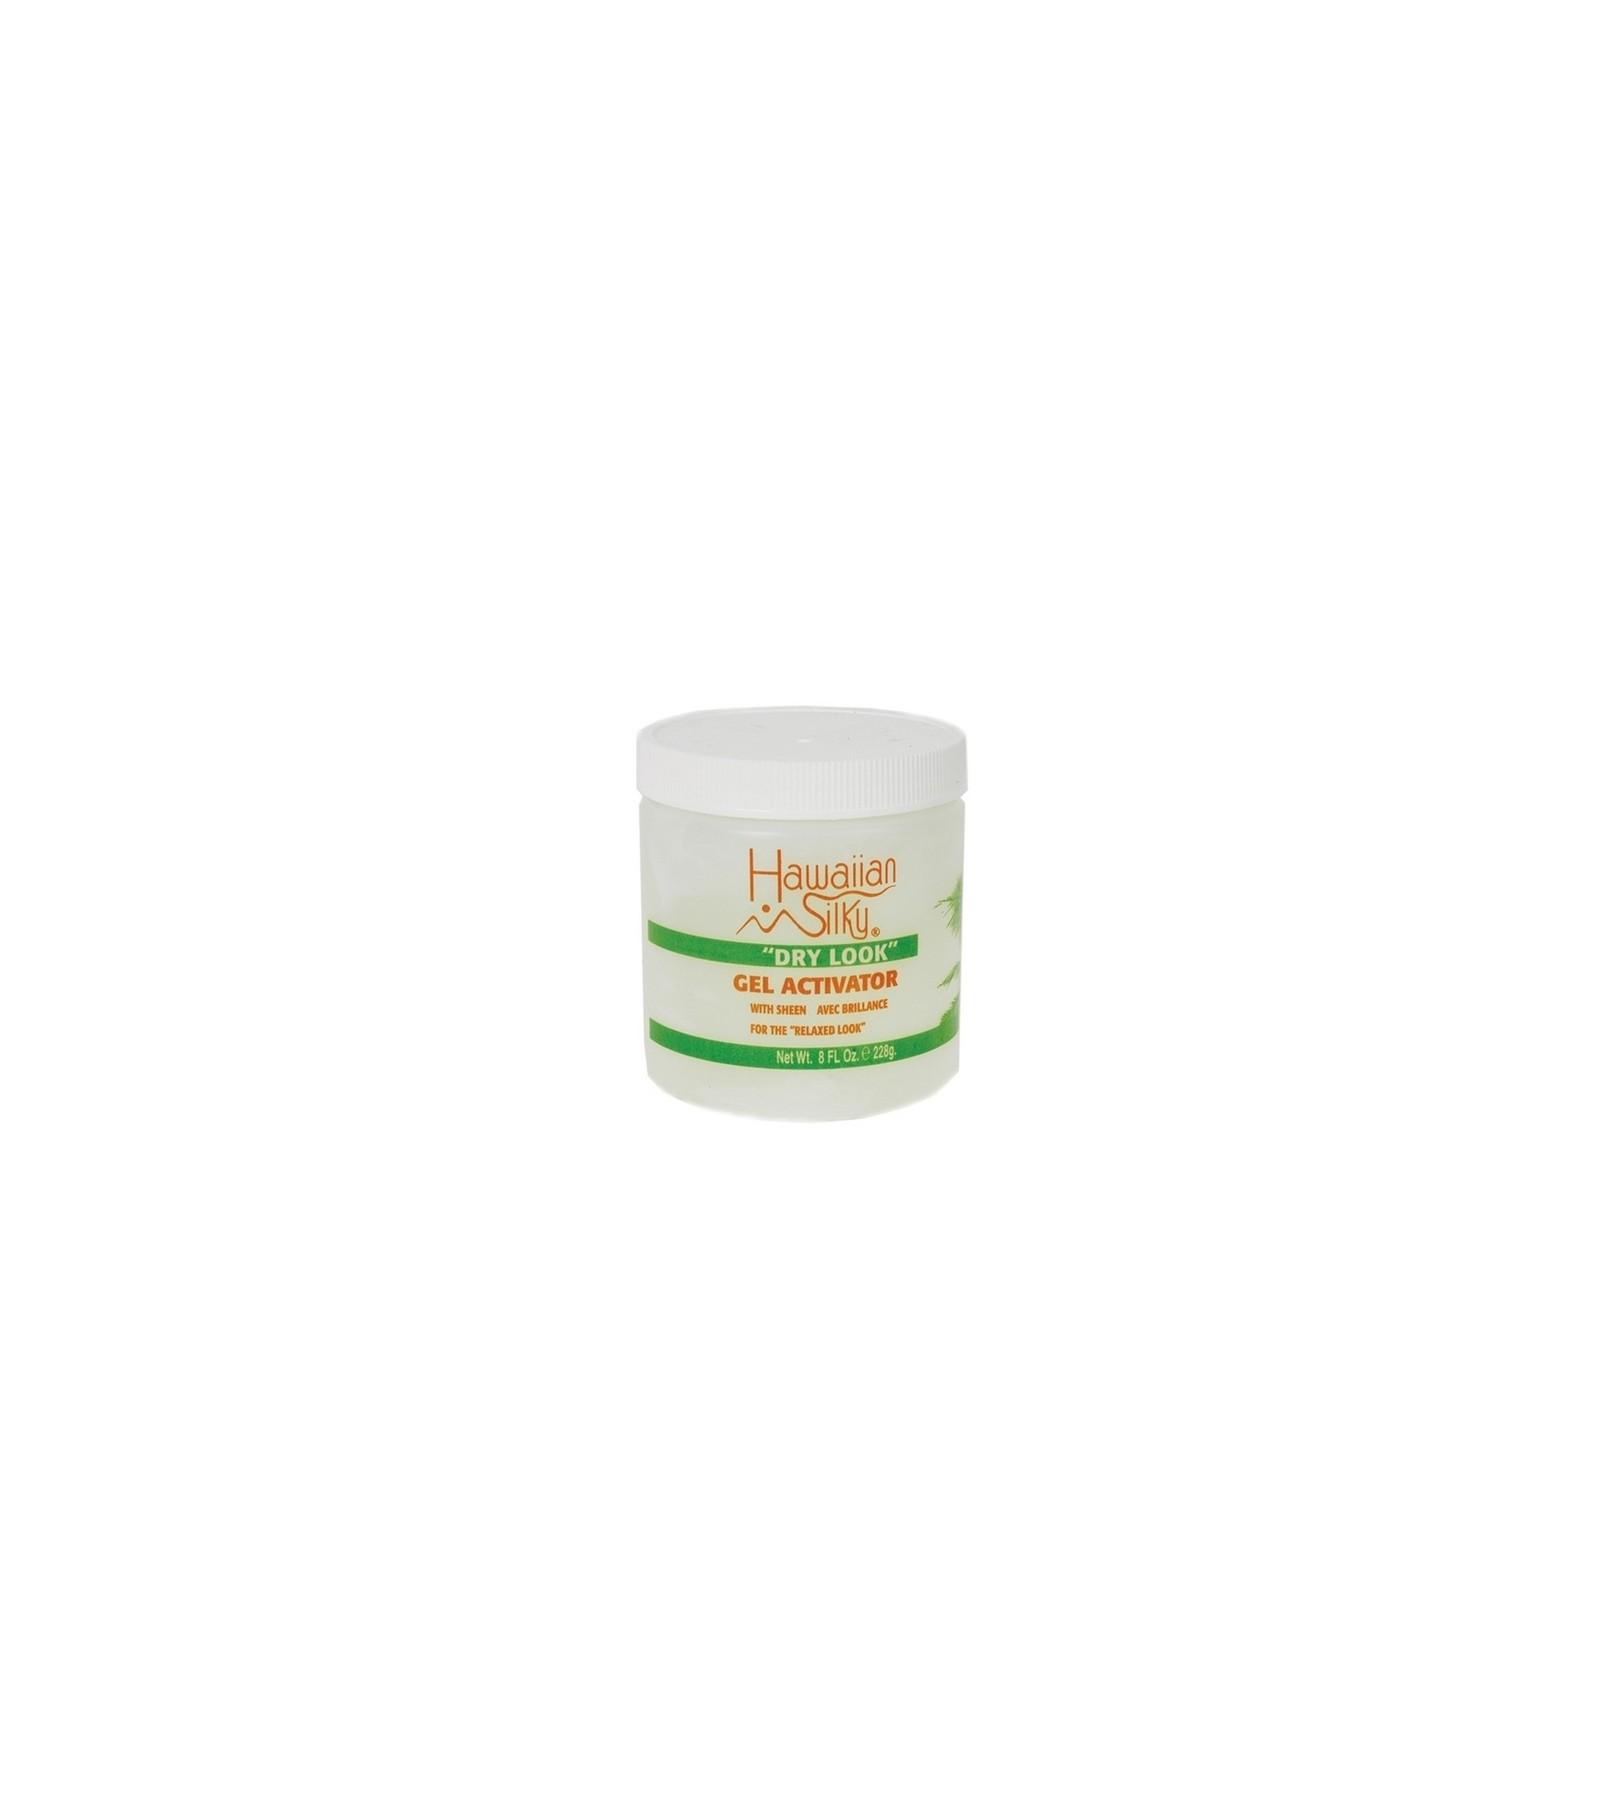 Hawaiian Silky Gel Activator Dry Look 16 oz